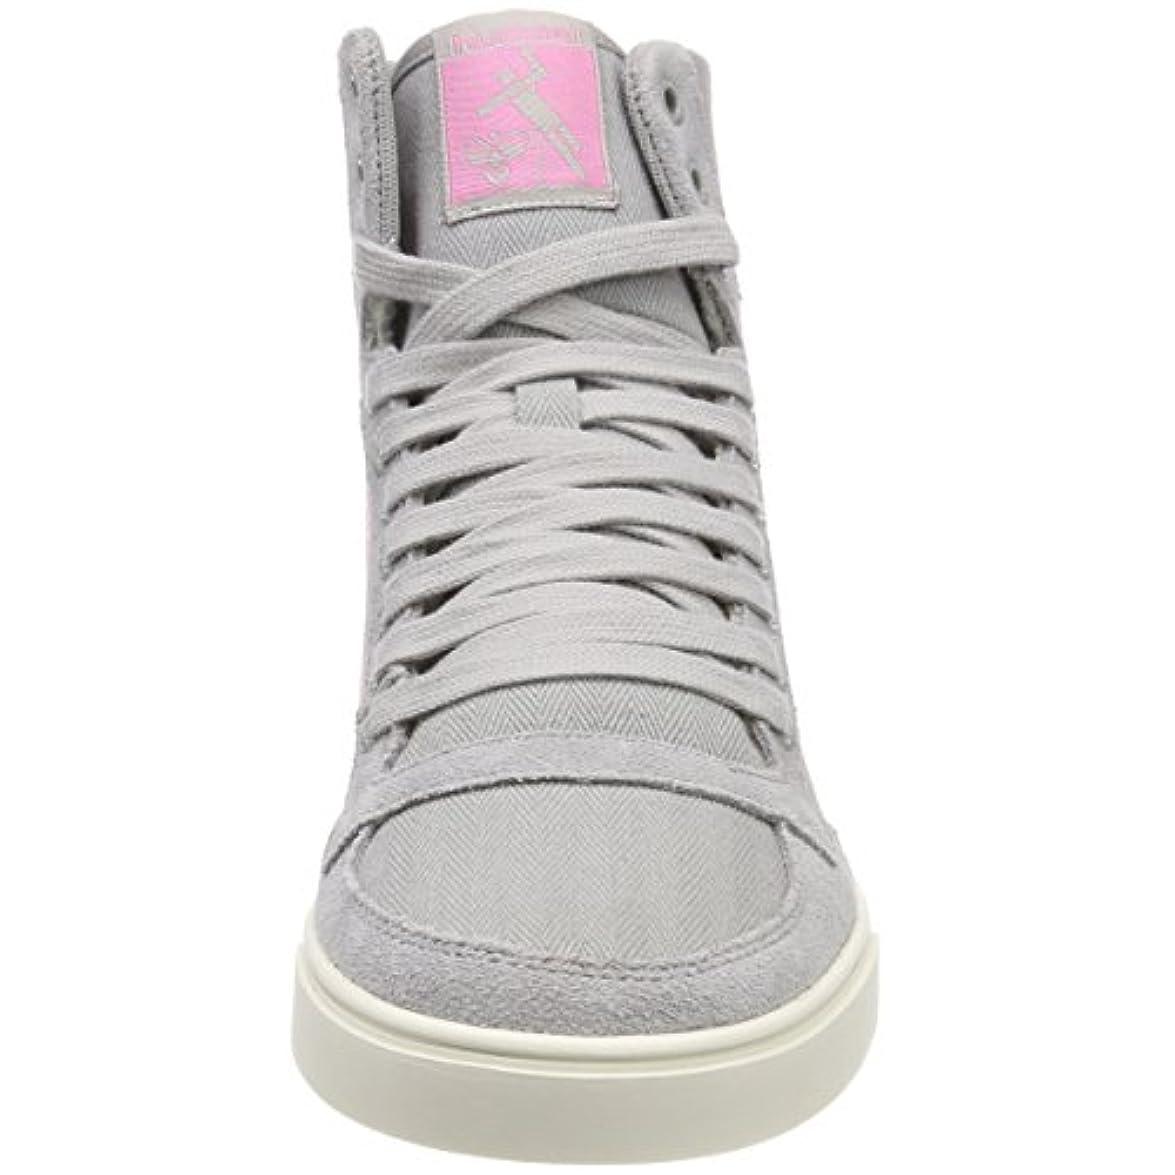 Hummel Slimmer Stadil Hb High Sneaker A Collo Alto Donna Grigio alloy 37 Eu